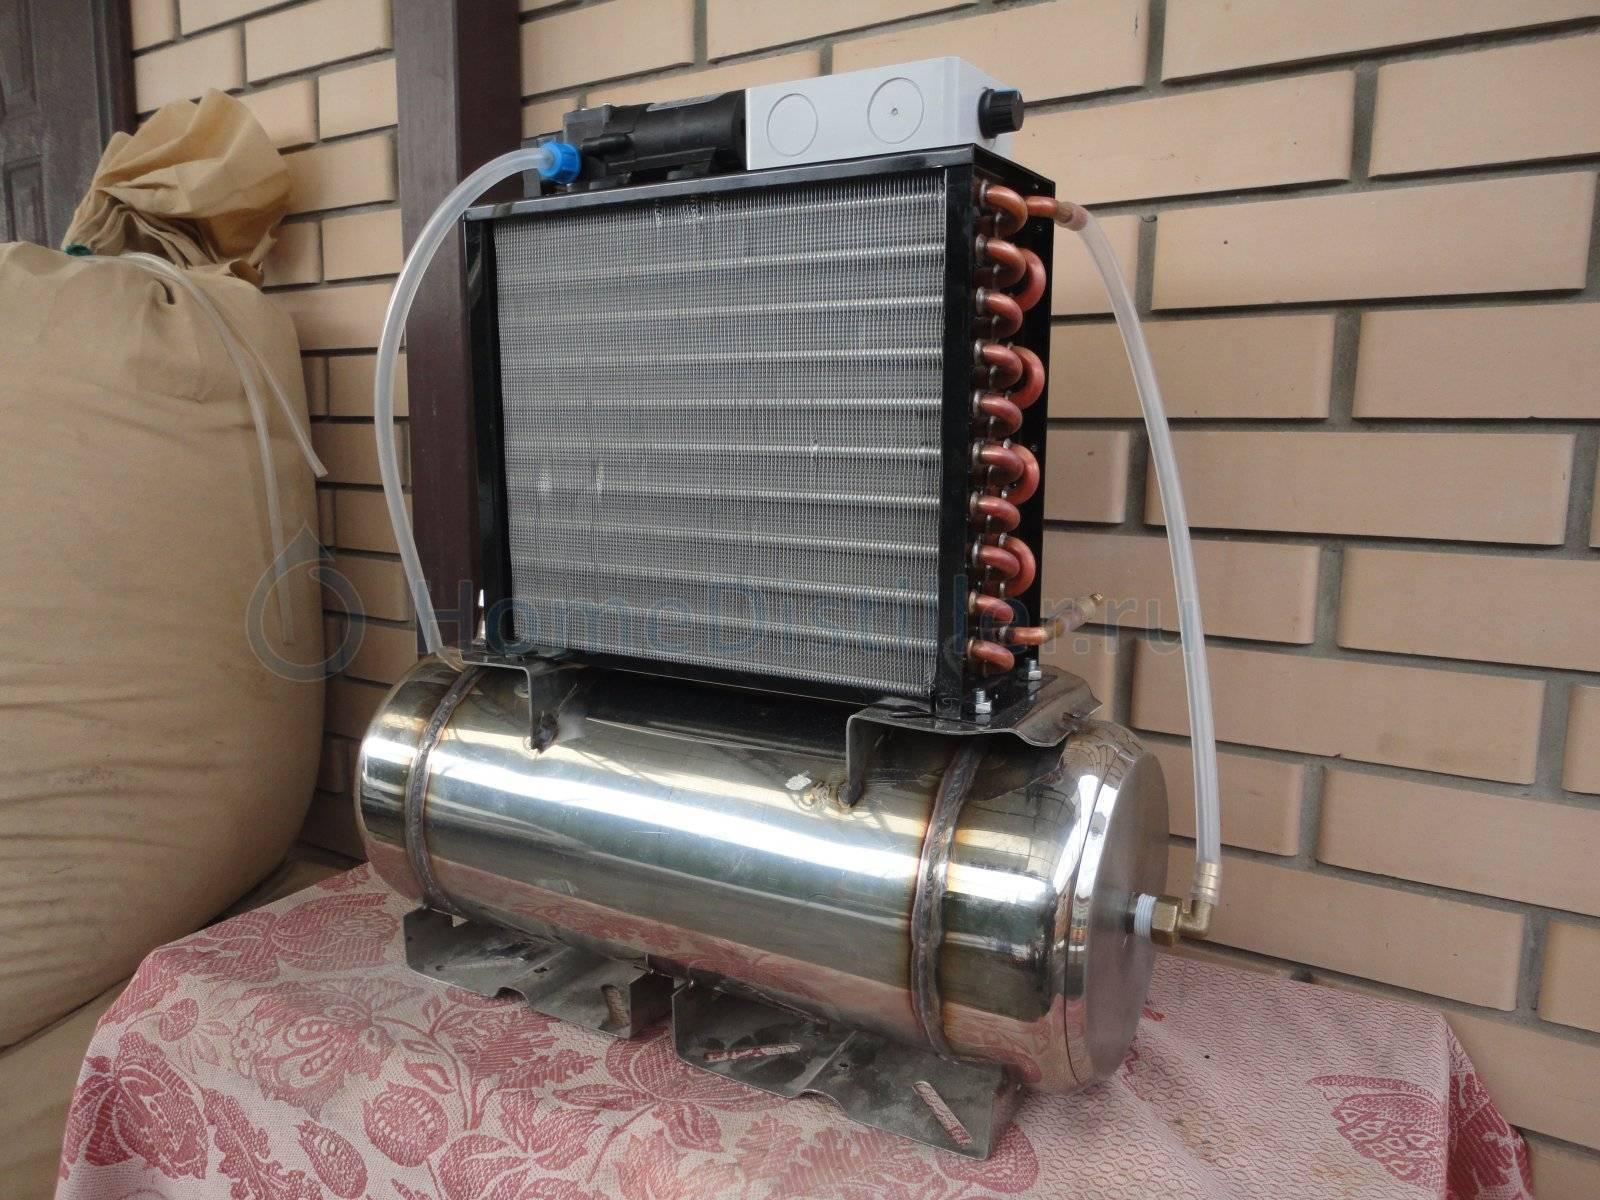 Как выполняется охлаждение самогонного аппарата? как сделать охладитель дома | про самогон и другие напитки ? | яндекс дзен